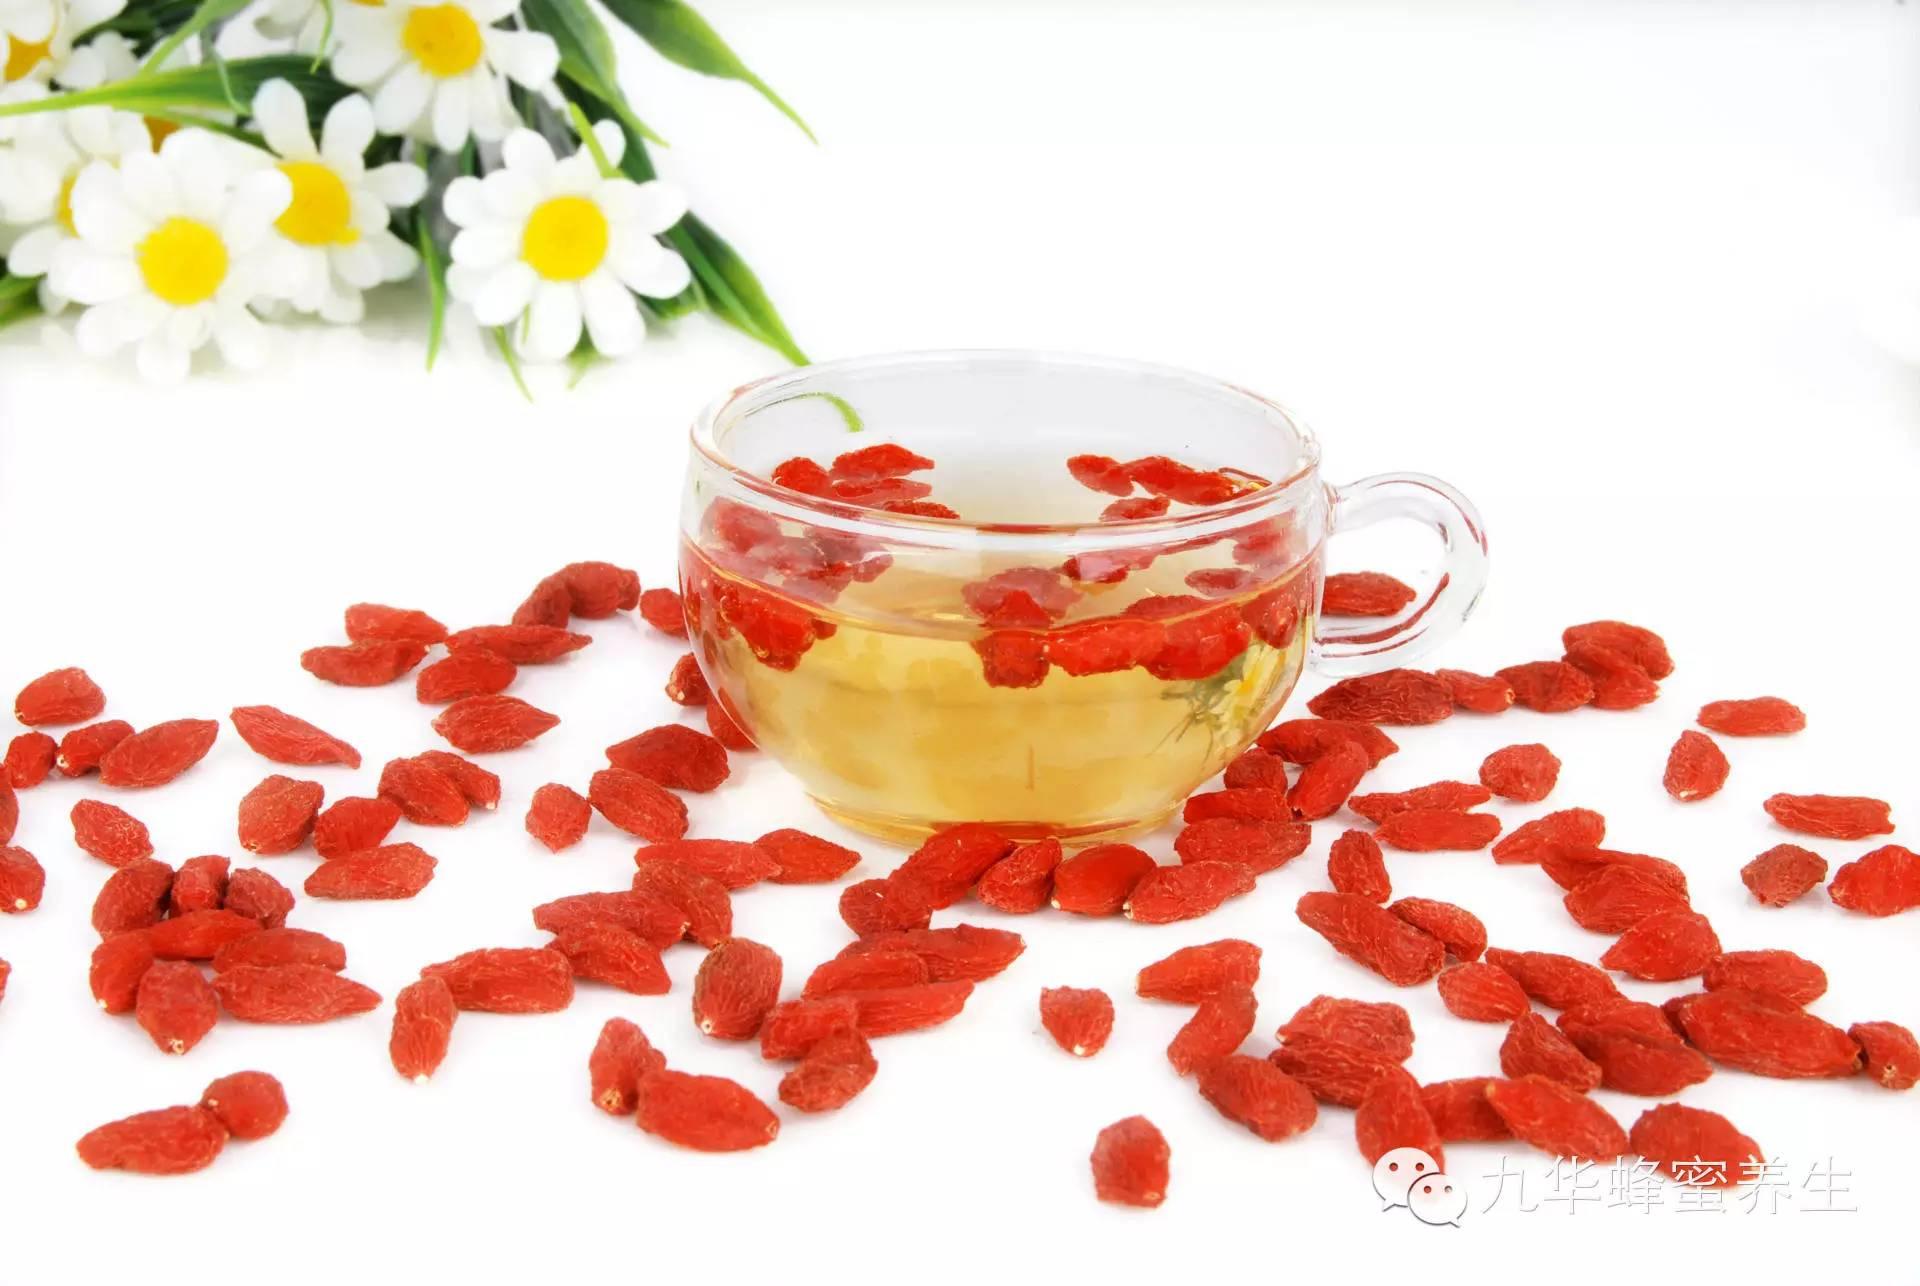 枸杞蜂蜜不结晶 牛奶蜂蜜面膜怎么做 鸡蛋蜂蜜面膜的做法 芝麻加蜂蜜的功效 蜂蜜柚子茶盖子打不开